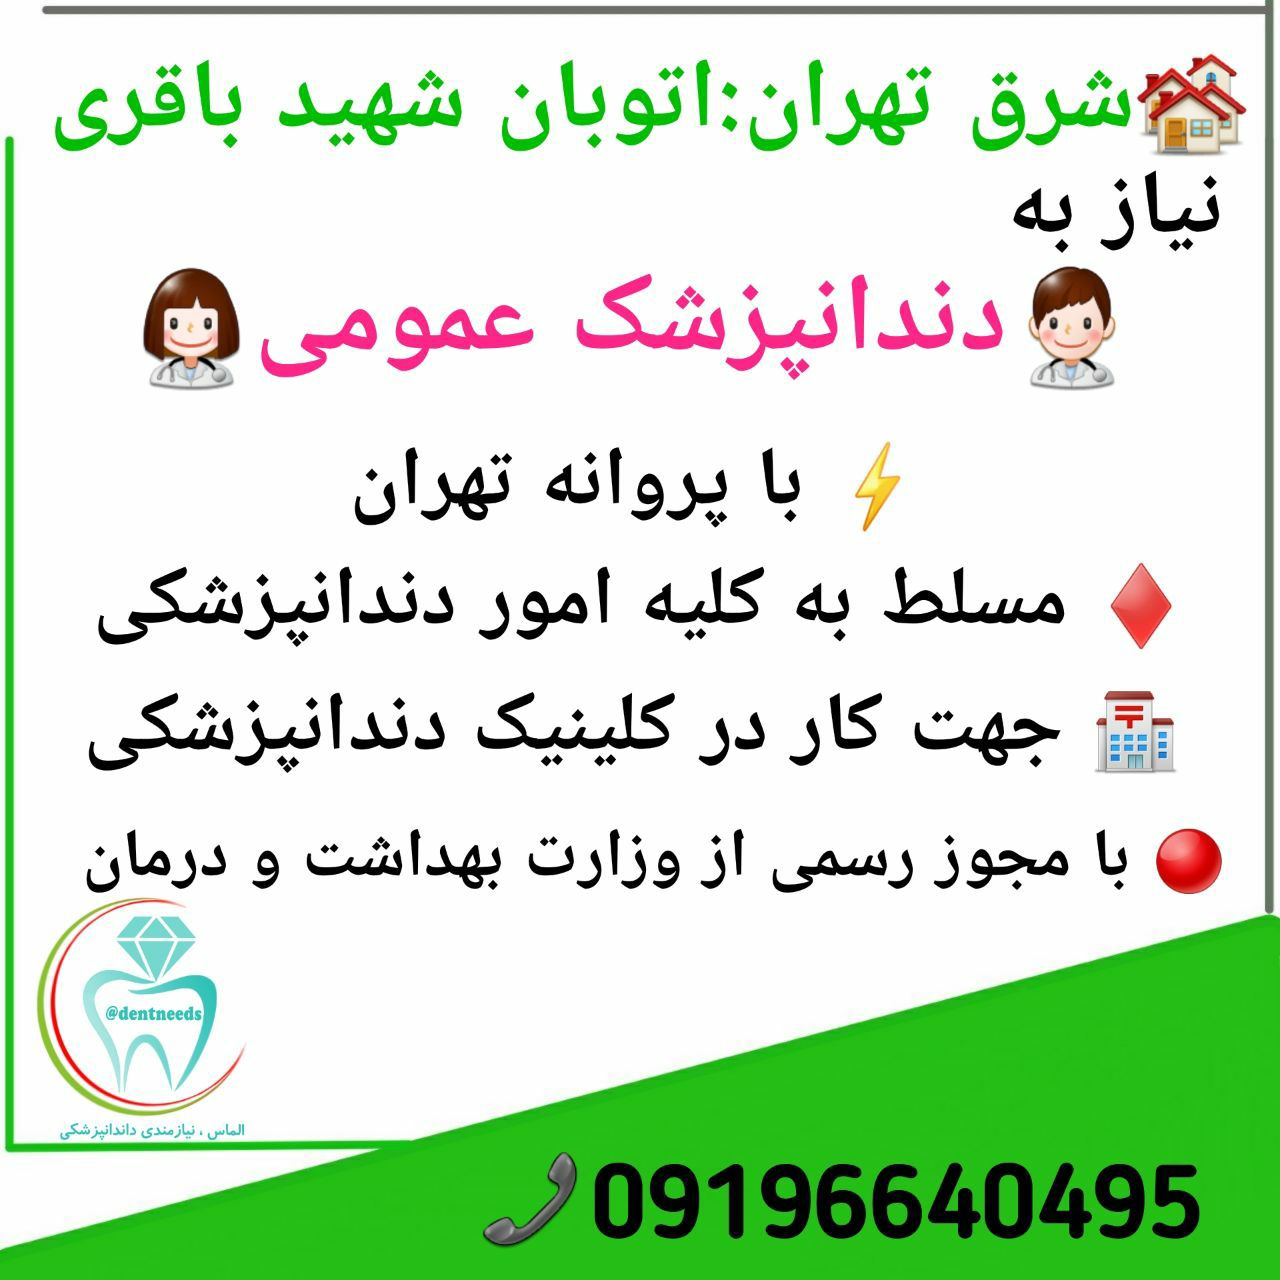 شرق تهران: اتوبان شهید باقری